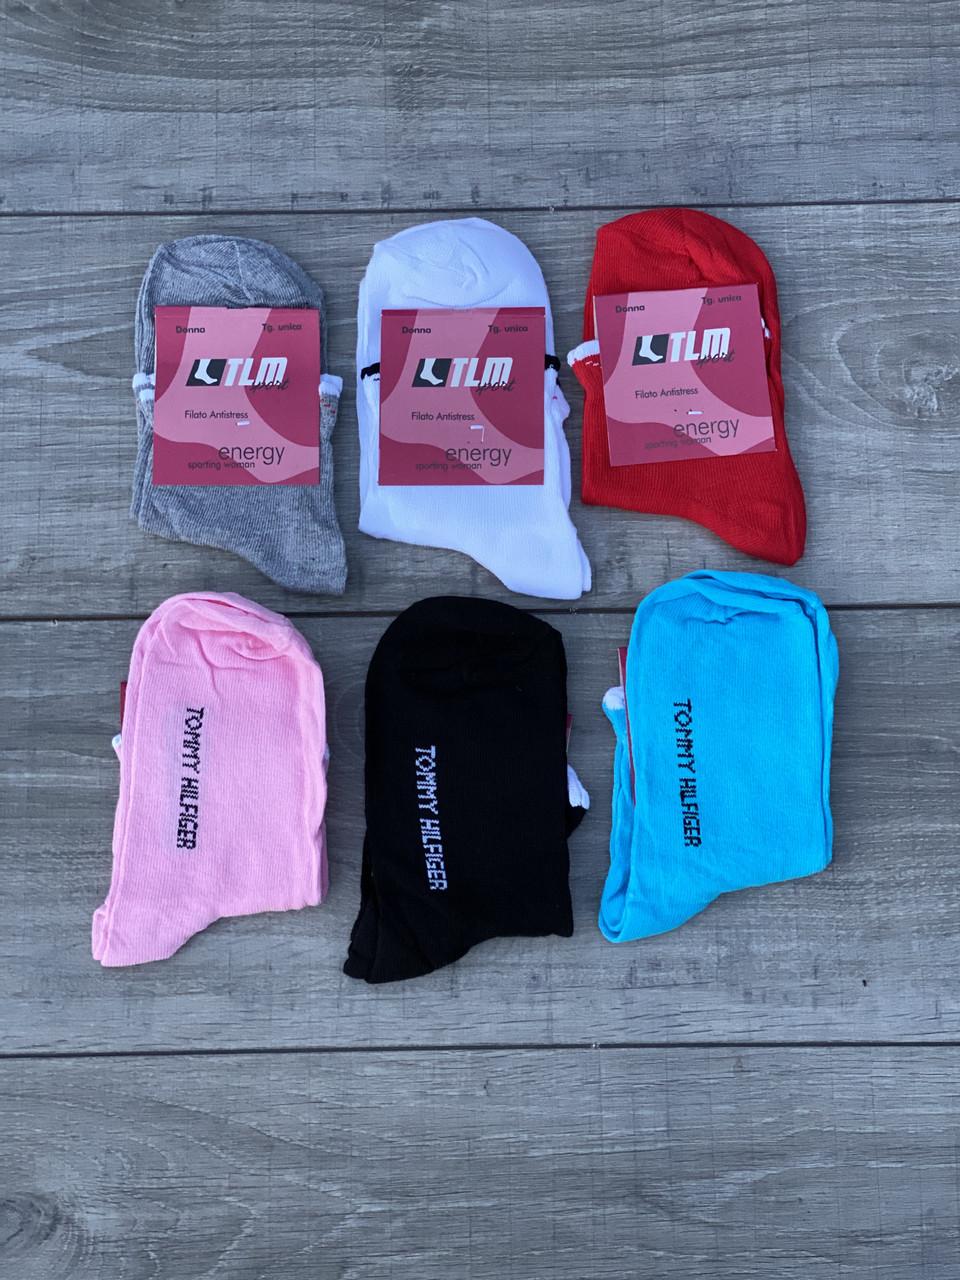 Жіночі шкарпетки короткі патіки котон ТLM однотонні 35-40 з натписом Tommy Hilfiger 12 шт в уп мікс 6 кольорів